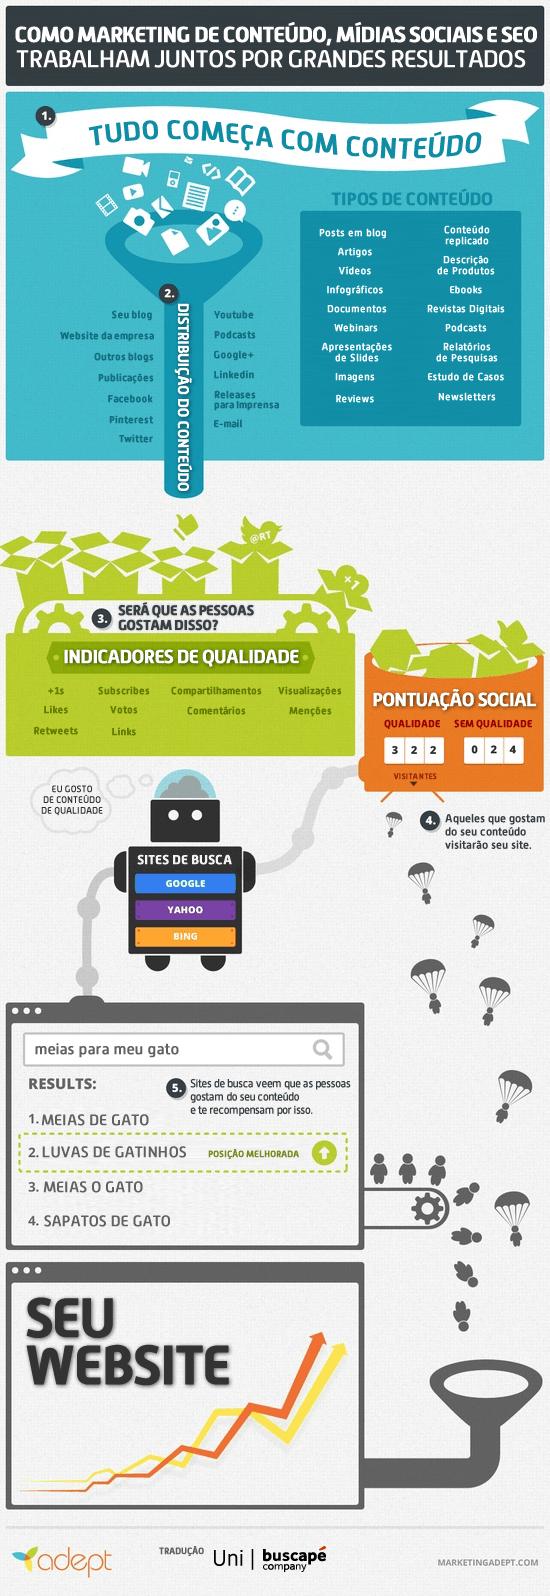 Infográfico: Como Marketing de Conteúdo, Mídias Sociais e SEO trabalham juntos?